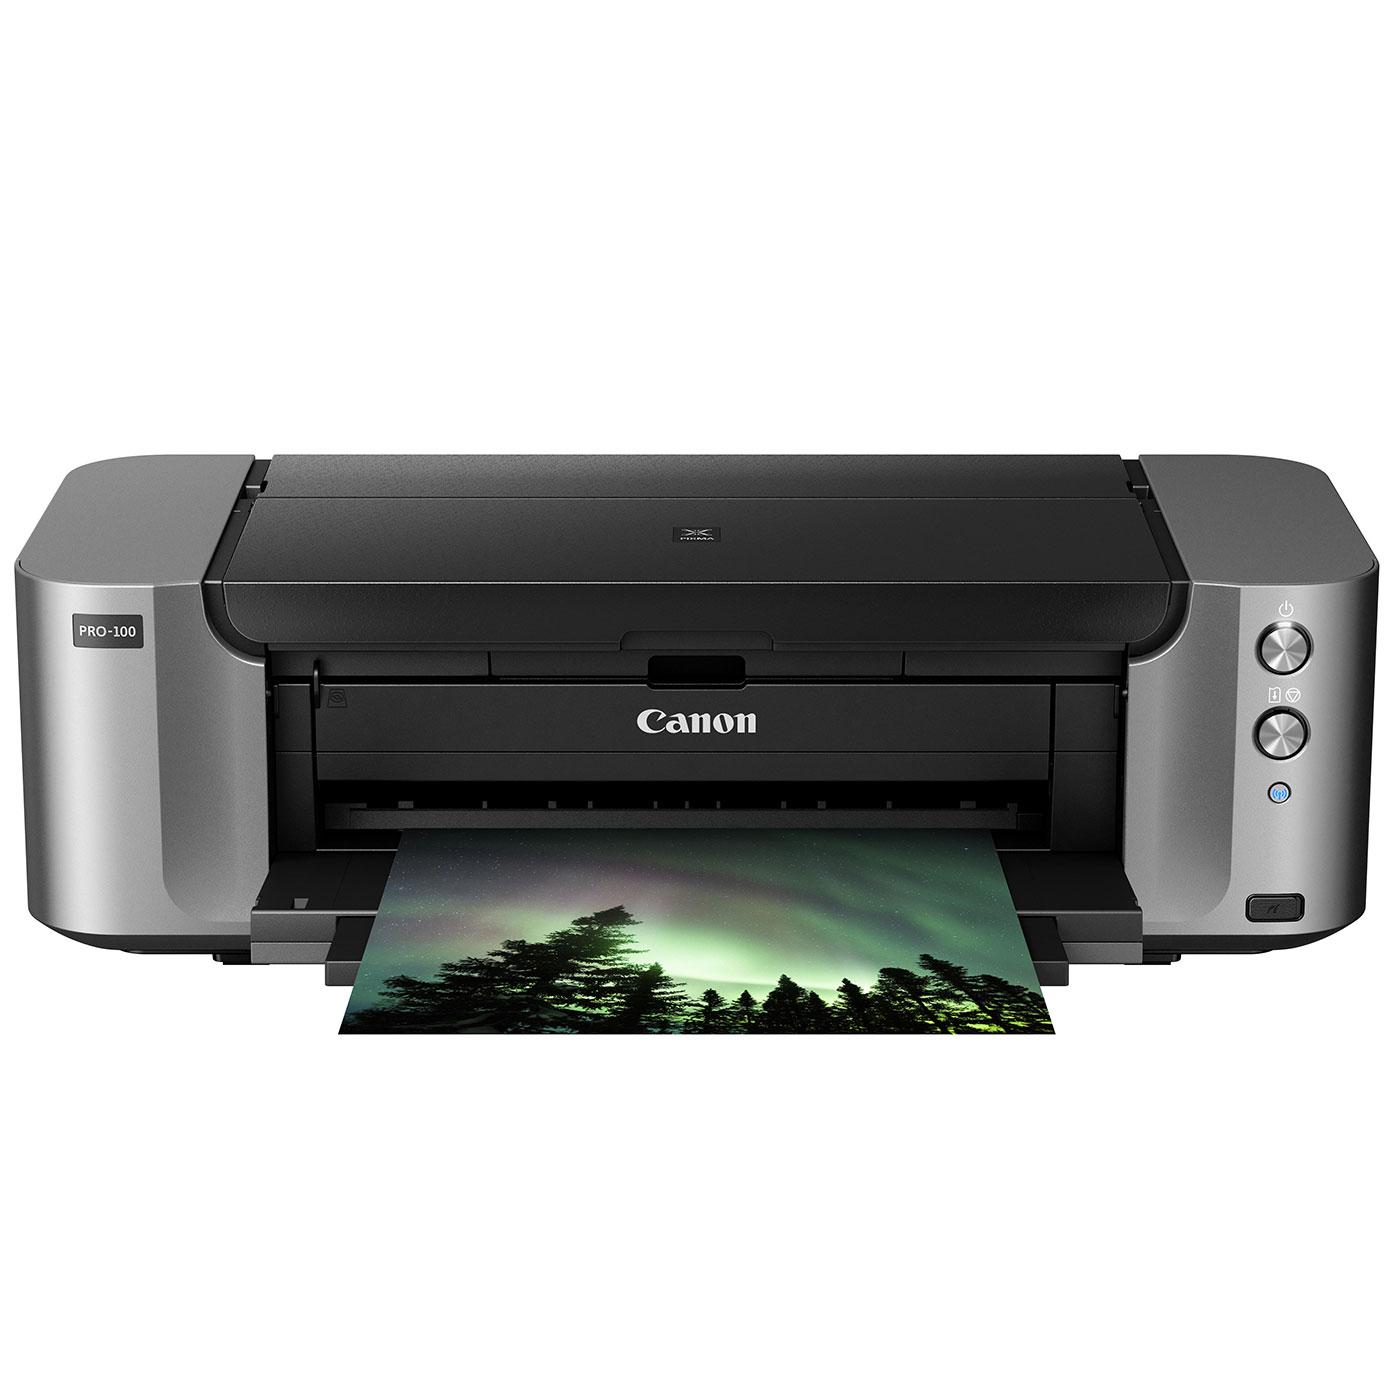 canon pixma pro 100 imprimante jet d 39 encre canon sur. Black Bedroom Furniture Sets. Home Design Ideas